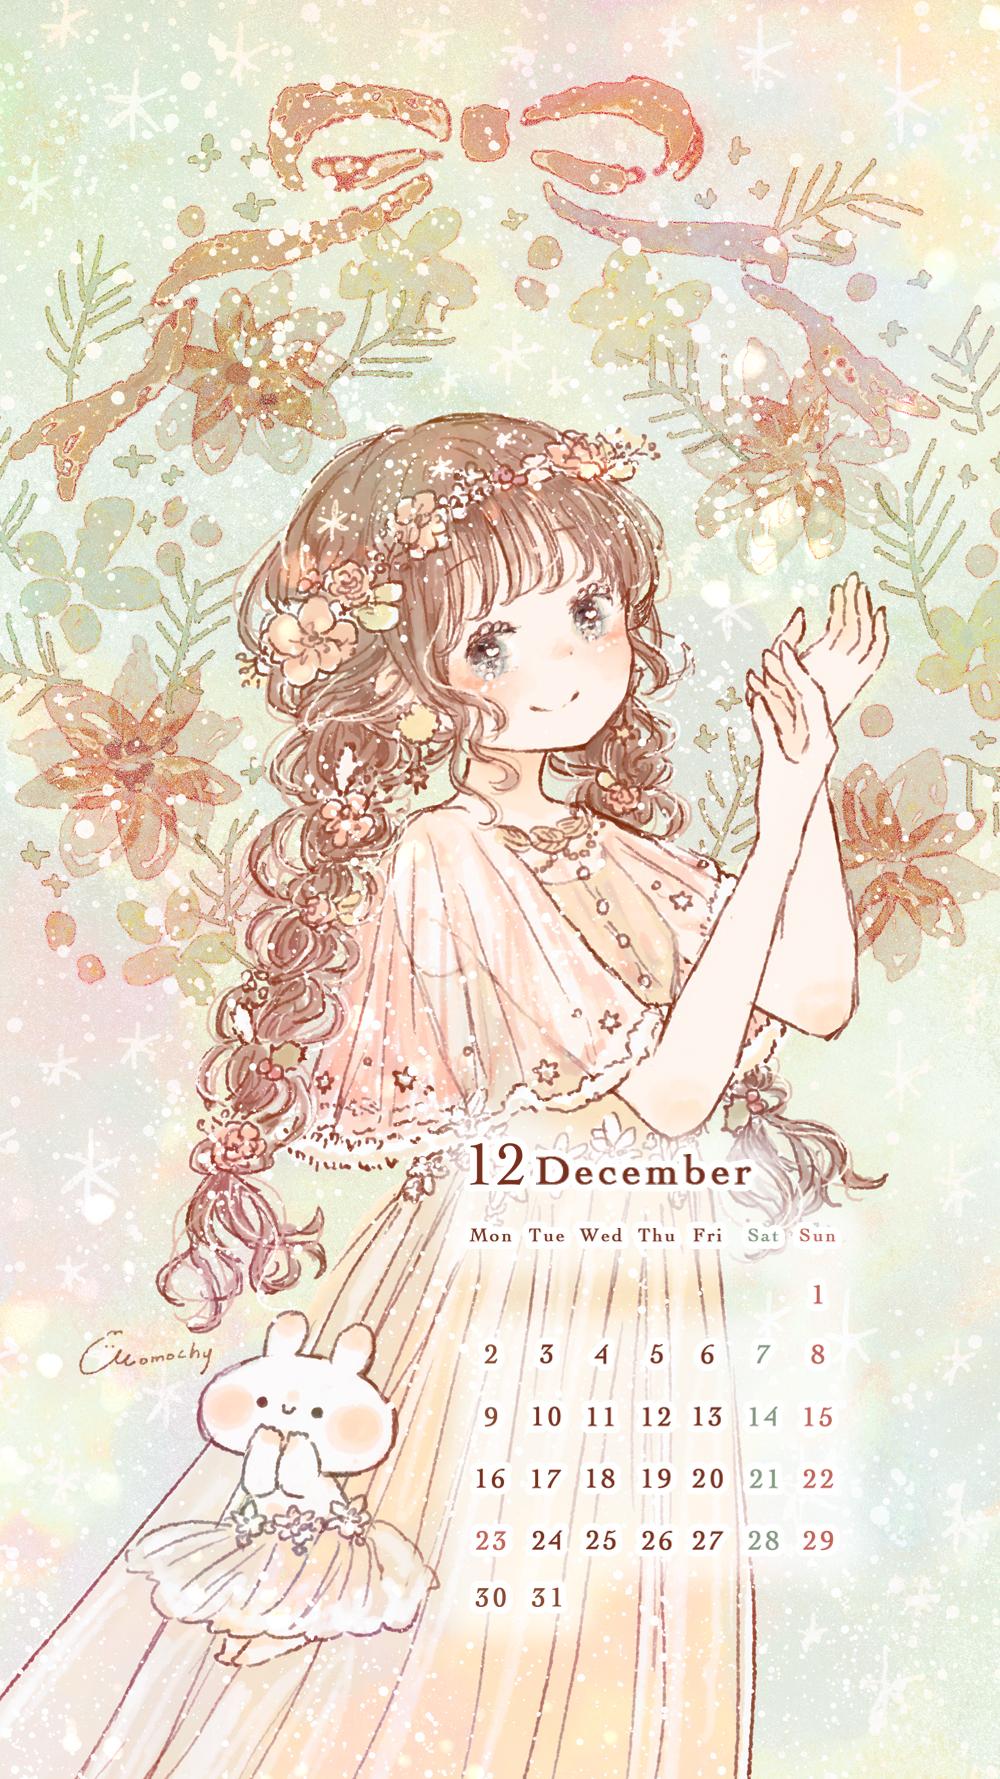 ロック画面や待ち受け スマホ壁紙に使える 19年12月のカレンダーイラスト Momochyのおうち イラストレーターももちーのwebサイト